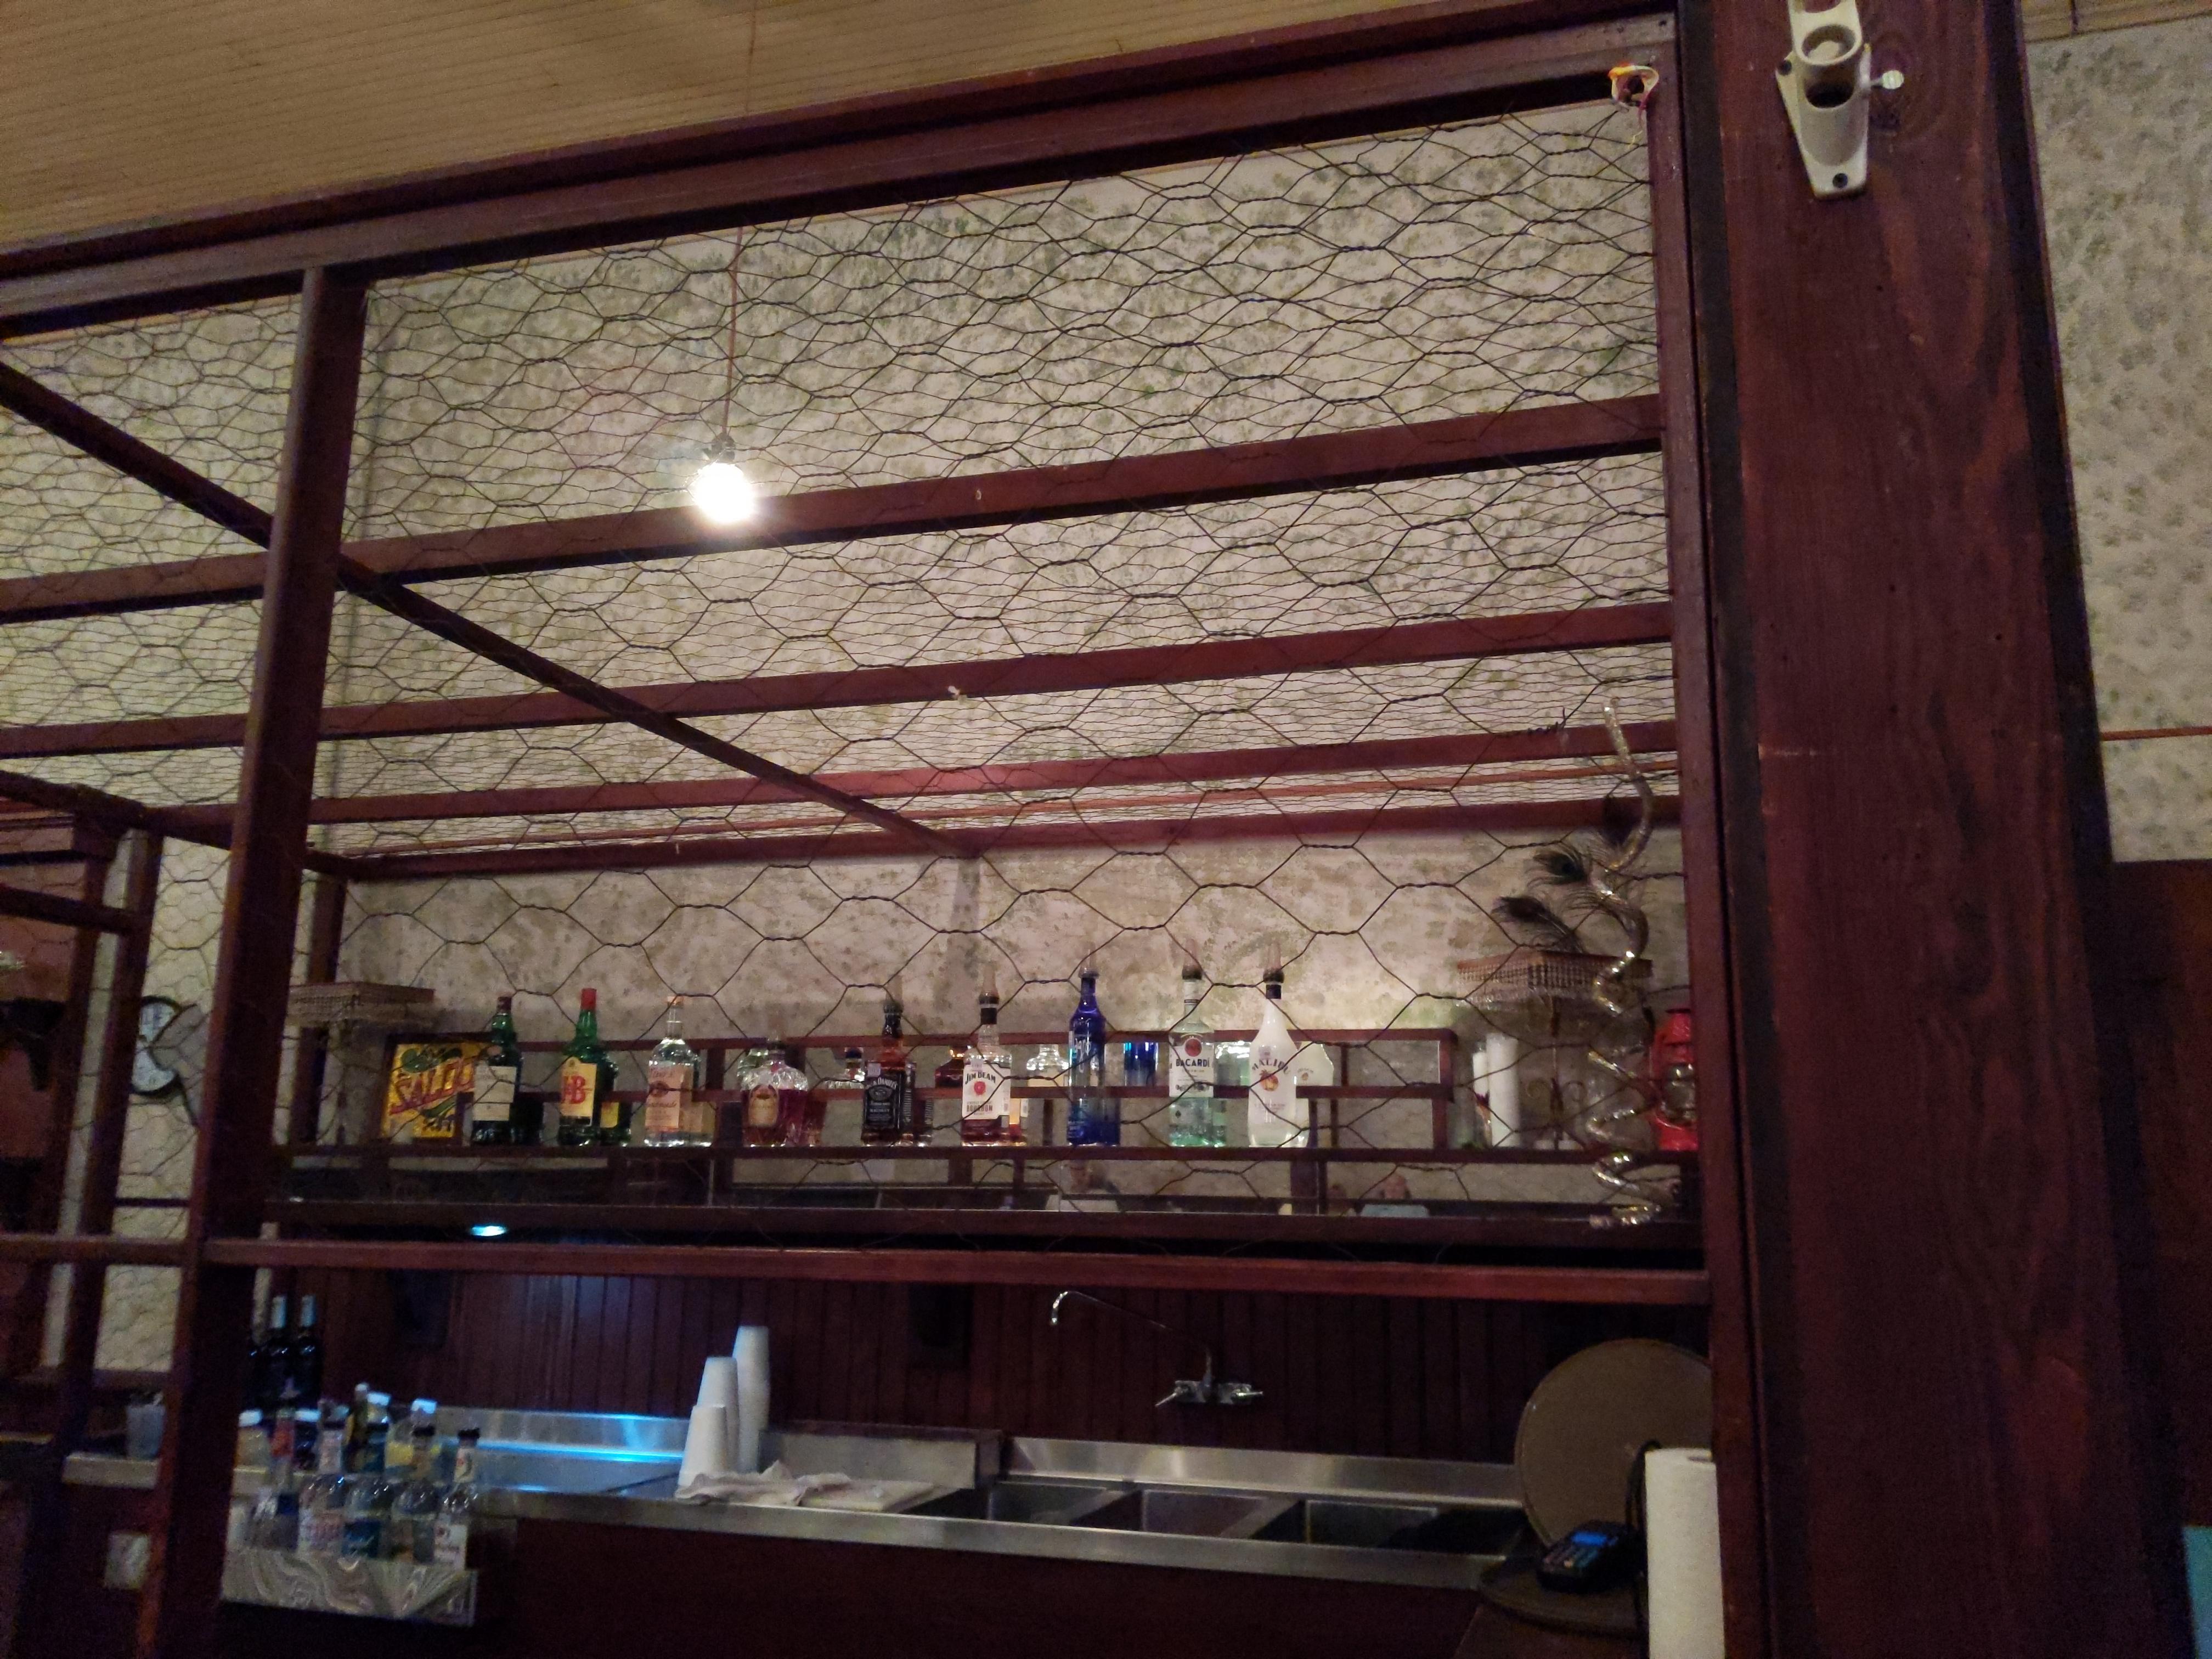 chicken wire around the bar